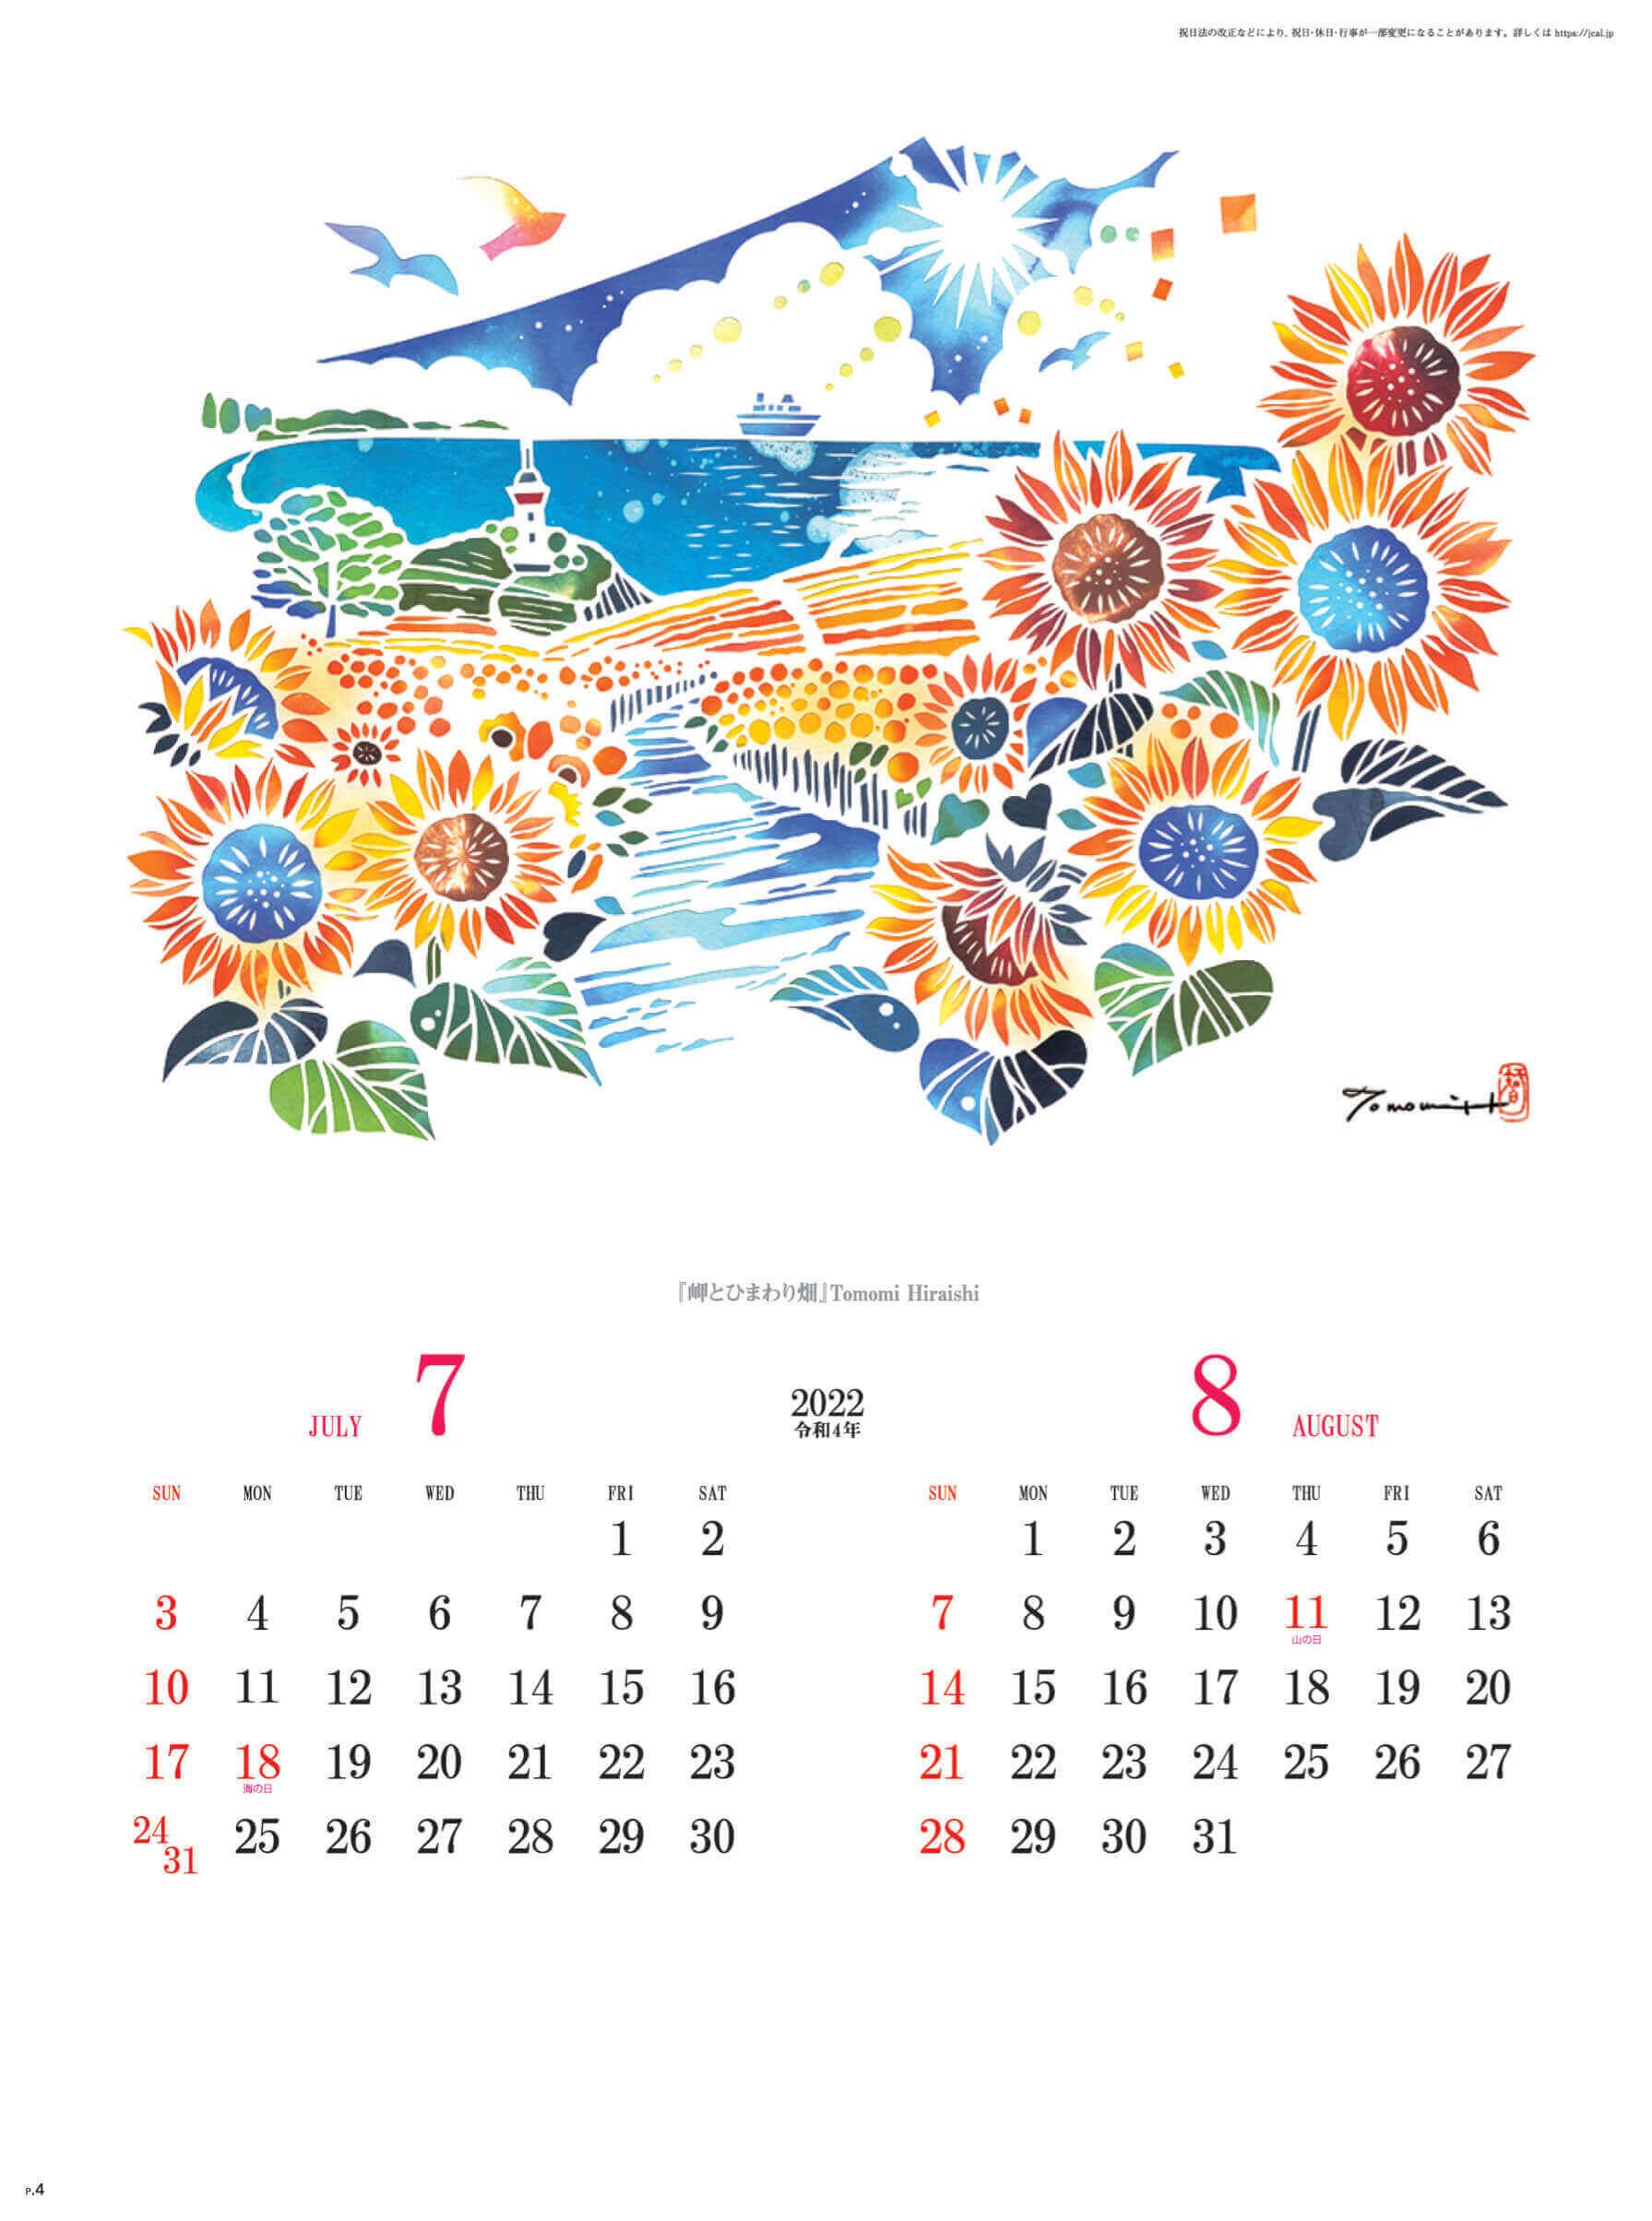 7-8月 岬とひまわり畑 切り絵の世界・平石智美作品集 2022年カレンダーの画像